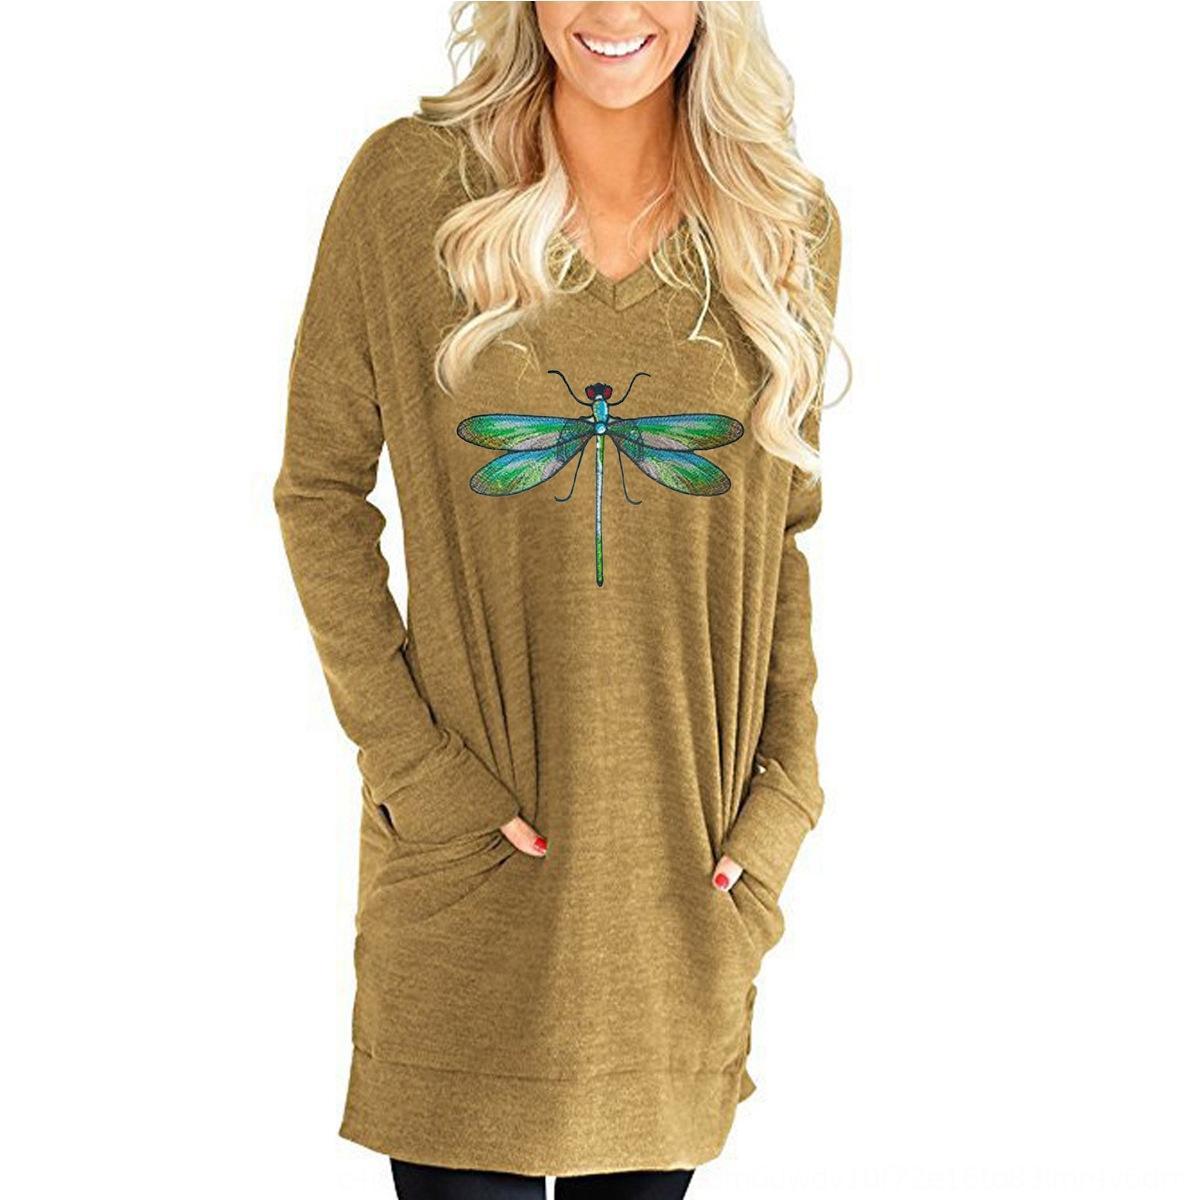 q8AXu Новый свободный длинный рукав V-образным вырезом карман раскол одежды женщин Новый свободный длинный рукав V-образным вырезом карман футболка футболка раскол женская одежда